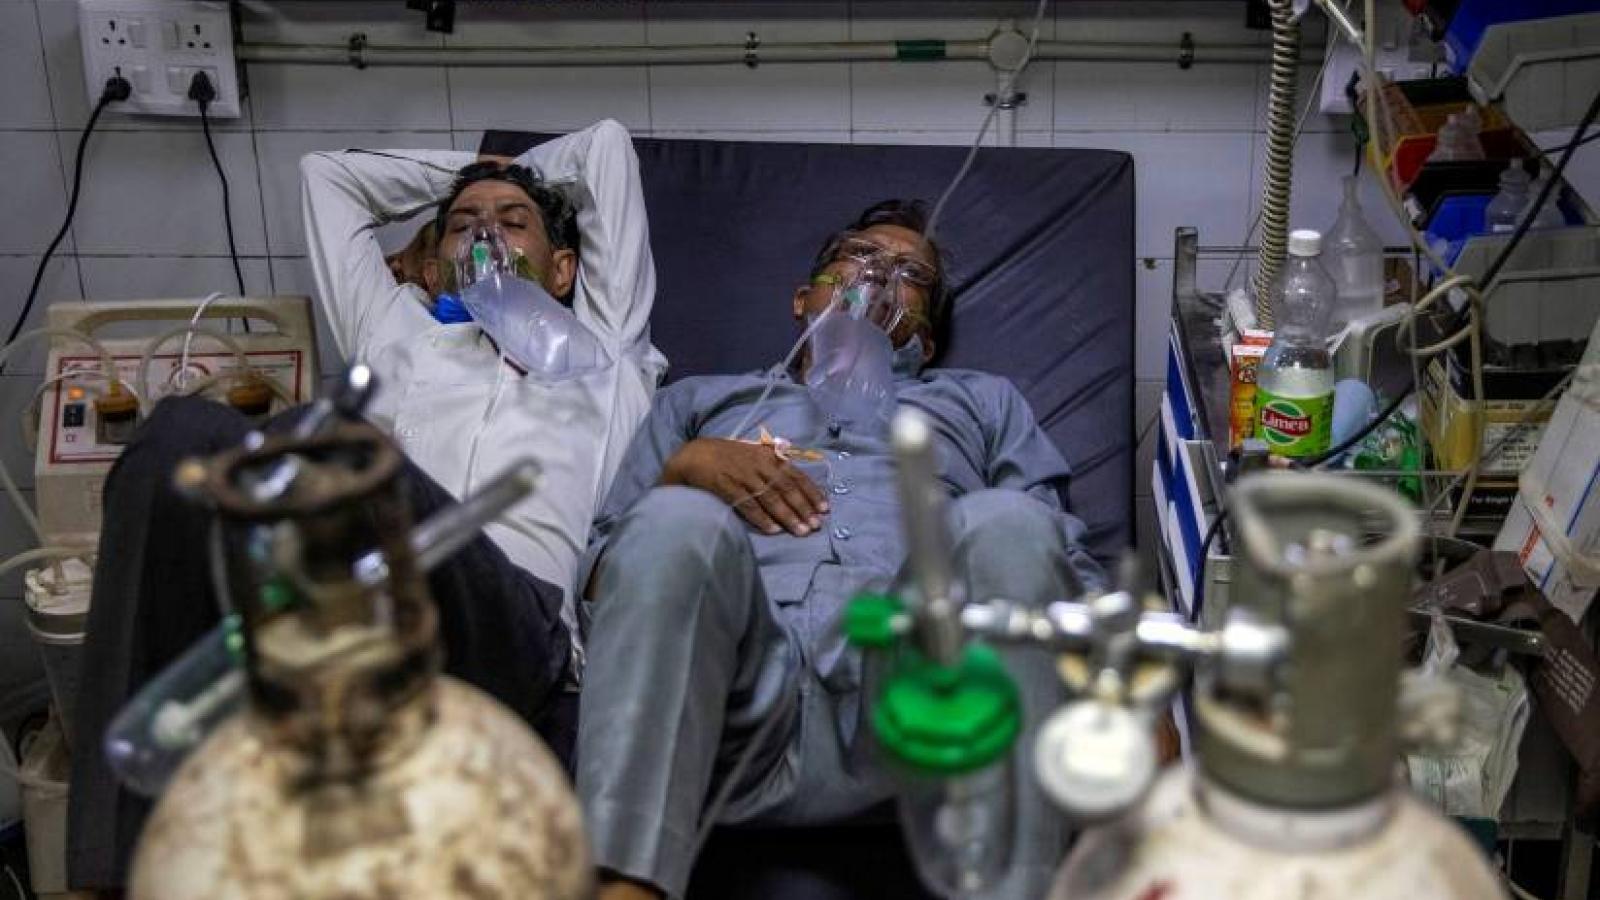 Ấn Độ phê duyệt sử dụng khẩn cấp thuốc khớp trong điều trị COVID-19